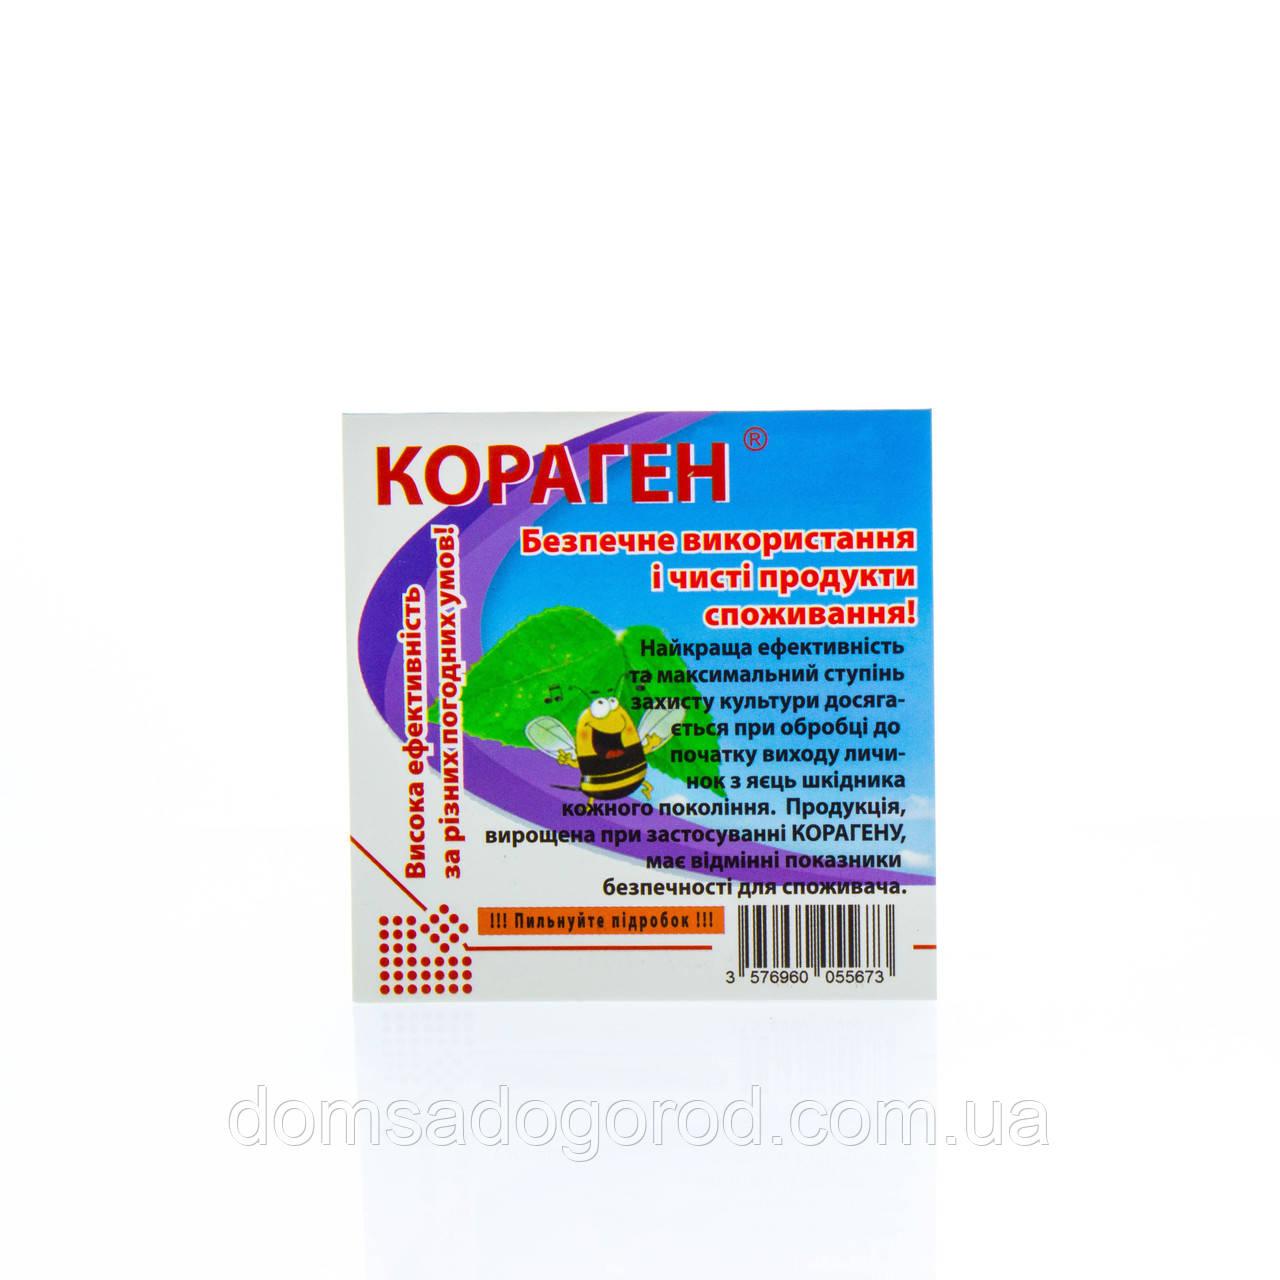 Інсектицид КОРАГЕН 200 к. с. DuPont 1,2 мл